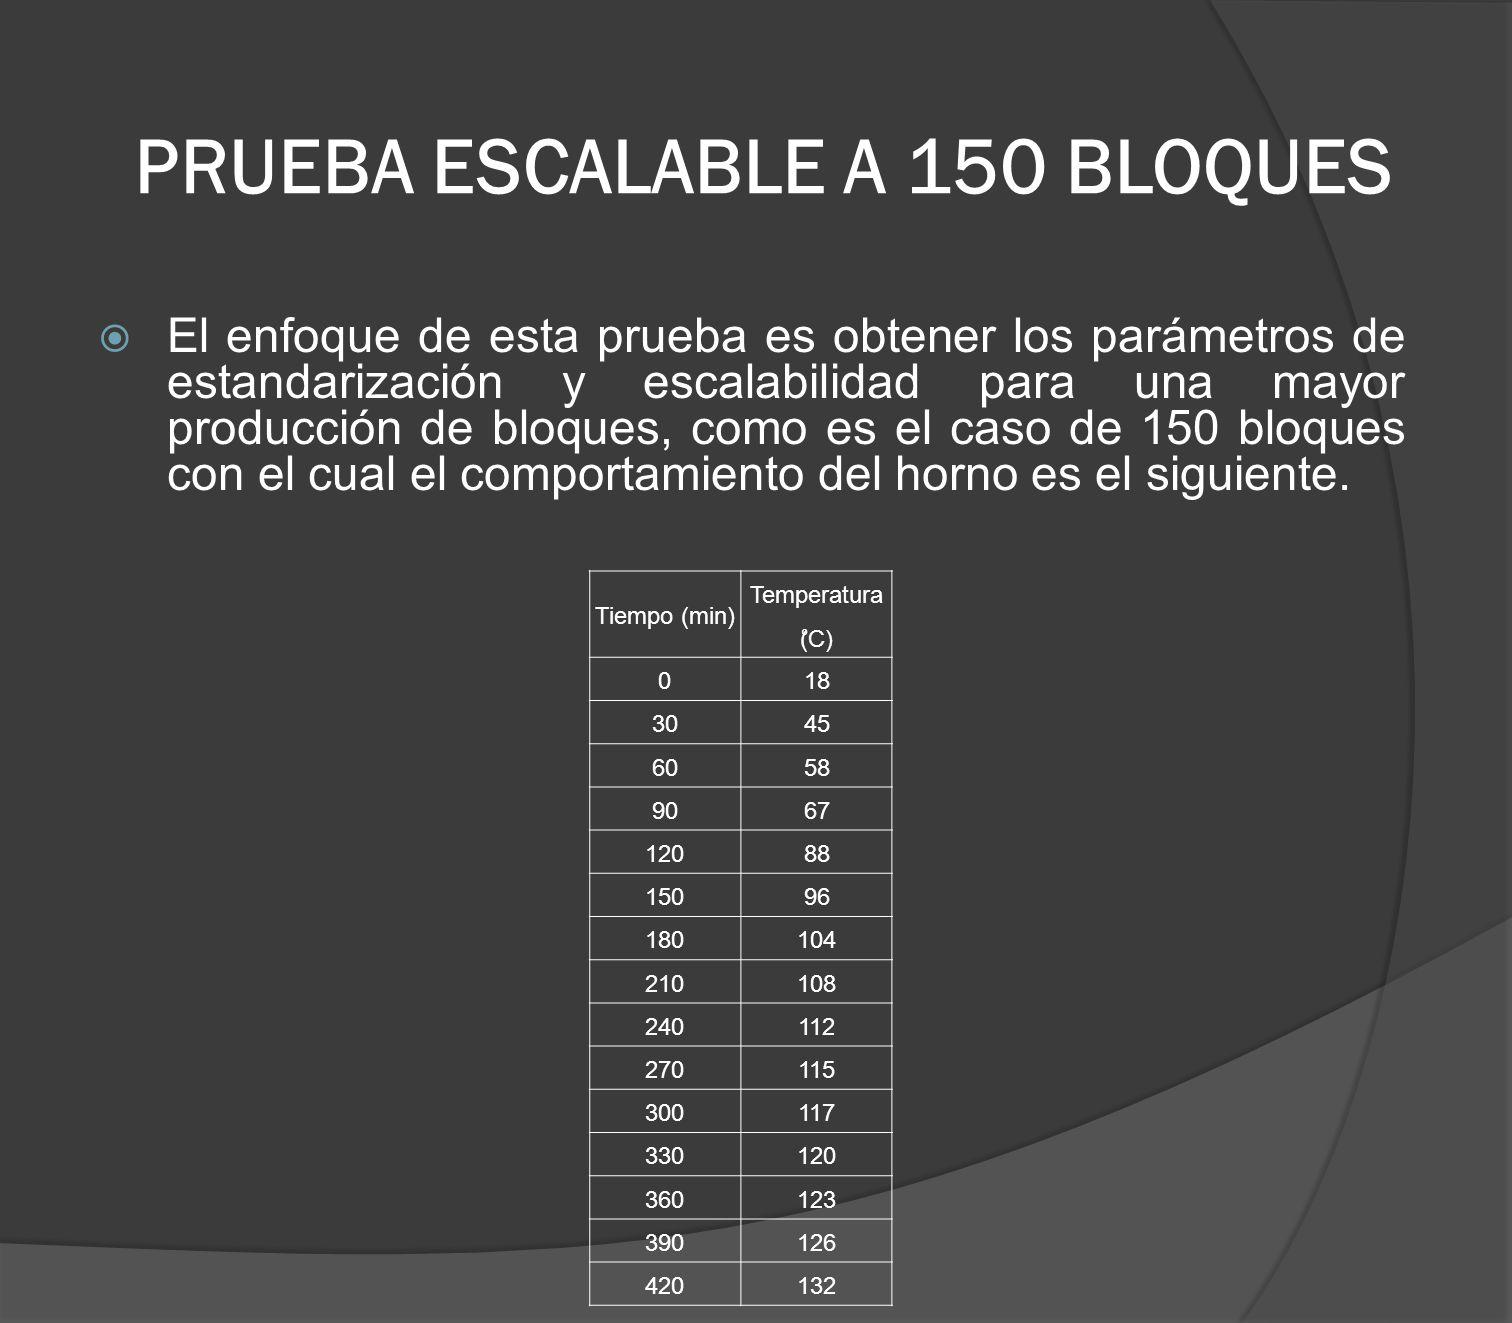 PRUEBA ESCALABLE A 150 BLOQUES El enfoque de esta prueba es obtener los parámetros de estandarización y escalabilidad para una mayor producción de blo